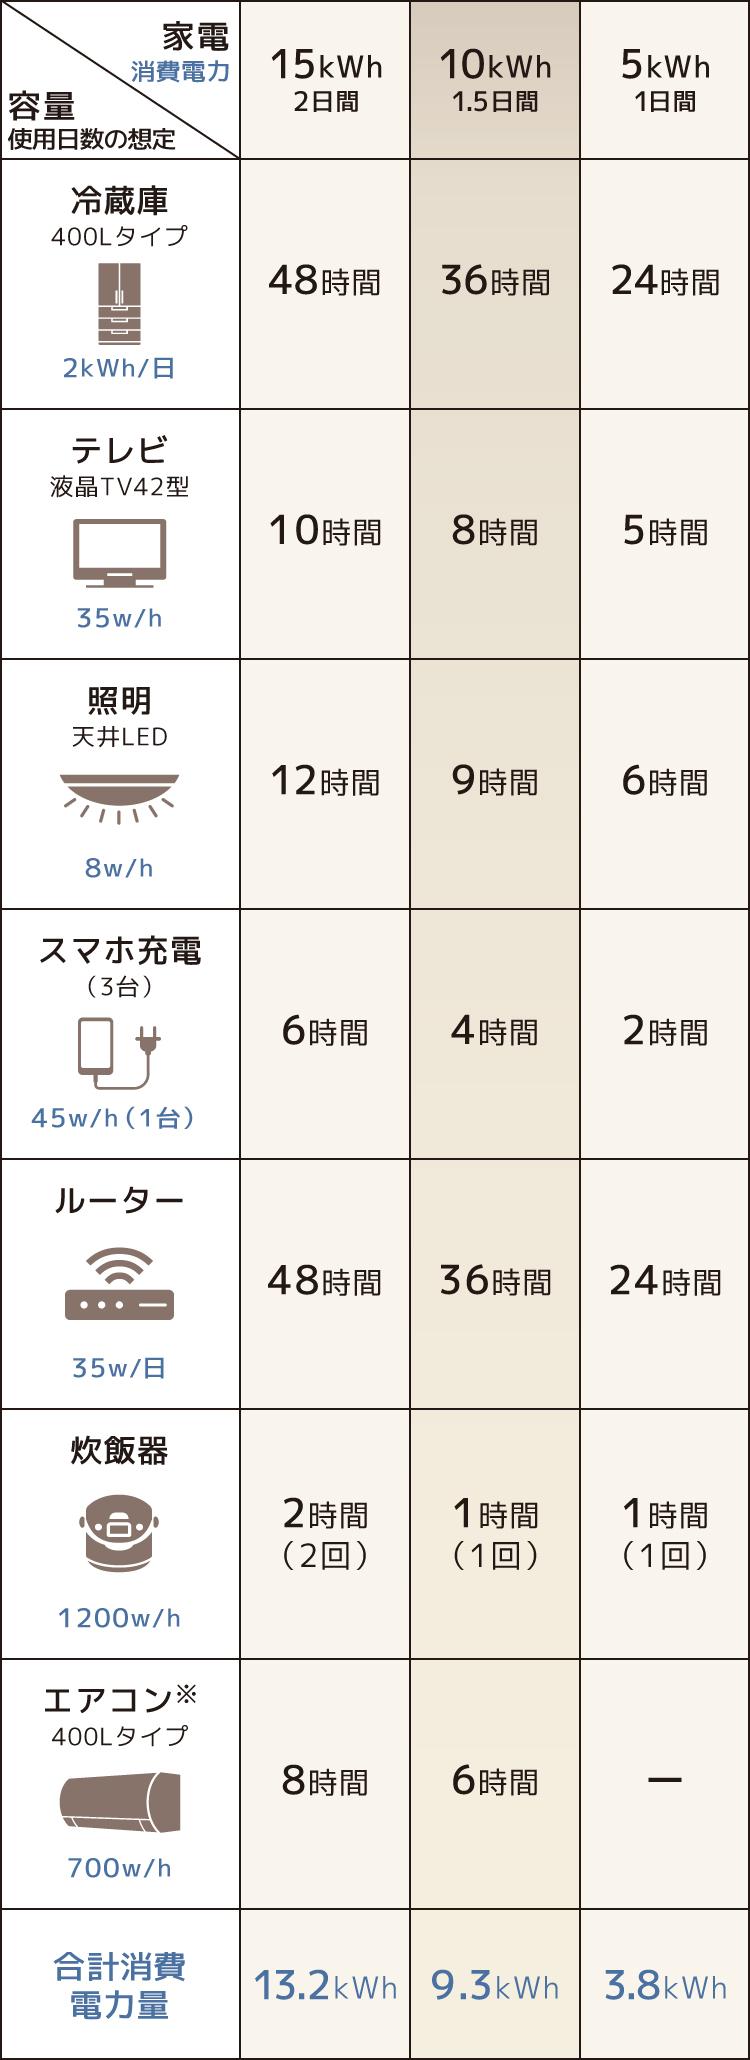 蓄電池の容量別、停電時に使える各家電の消費電力量の表